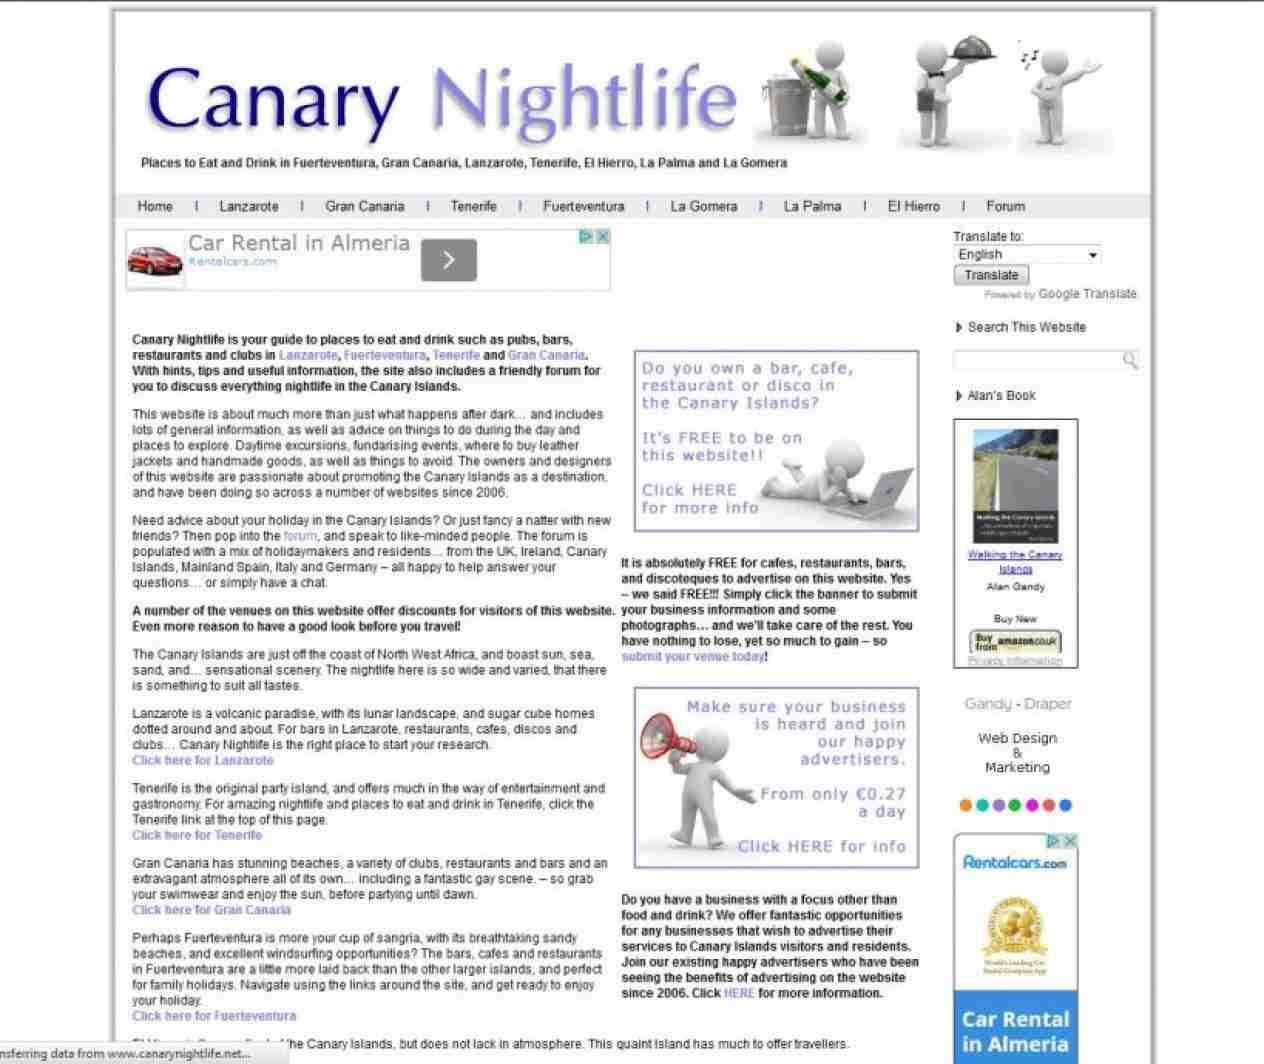 Canary Nightlife